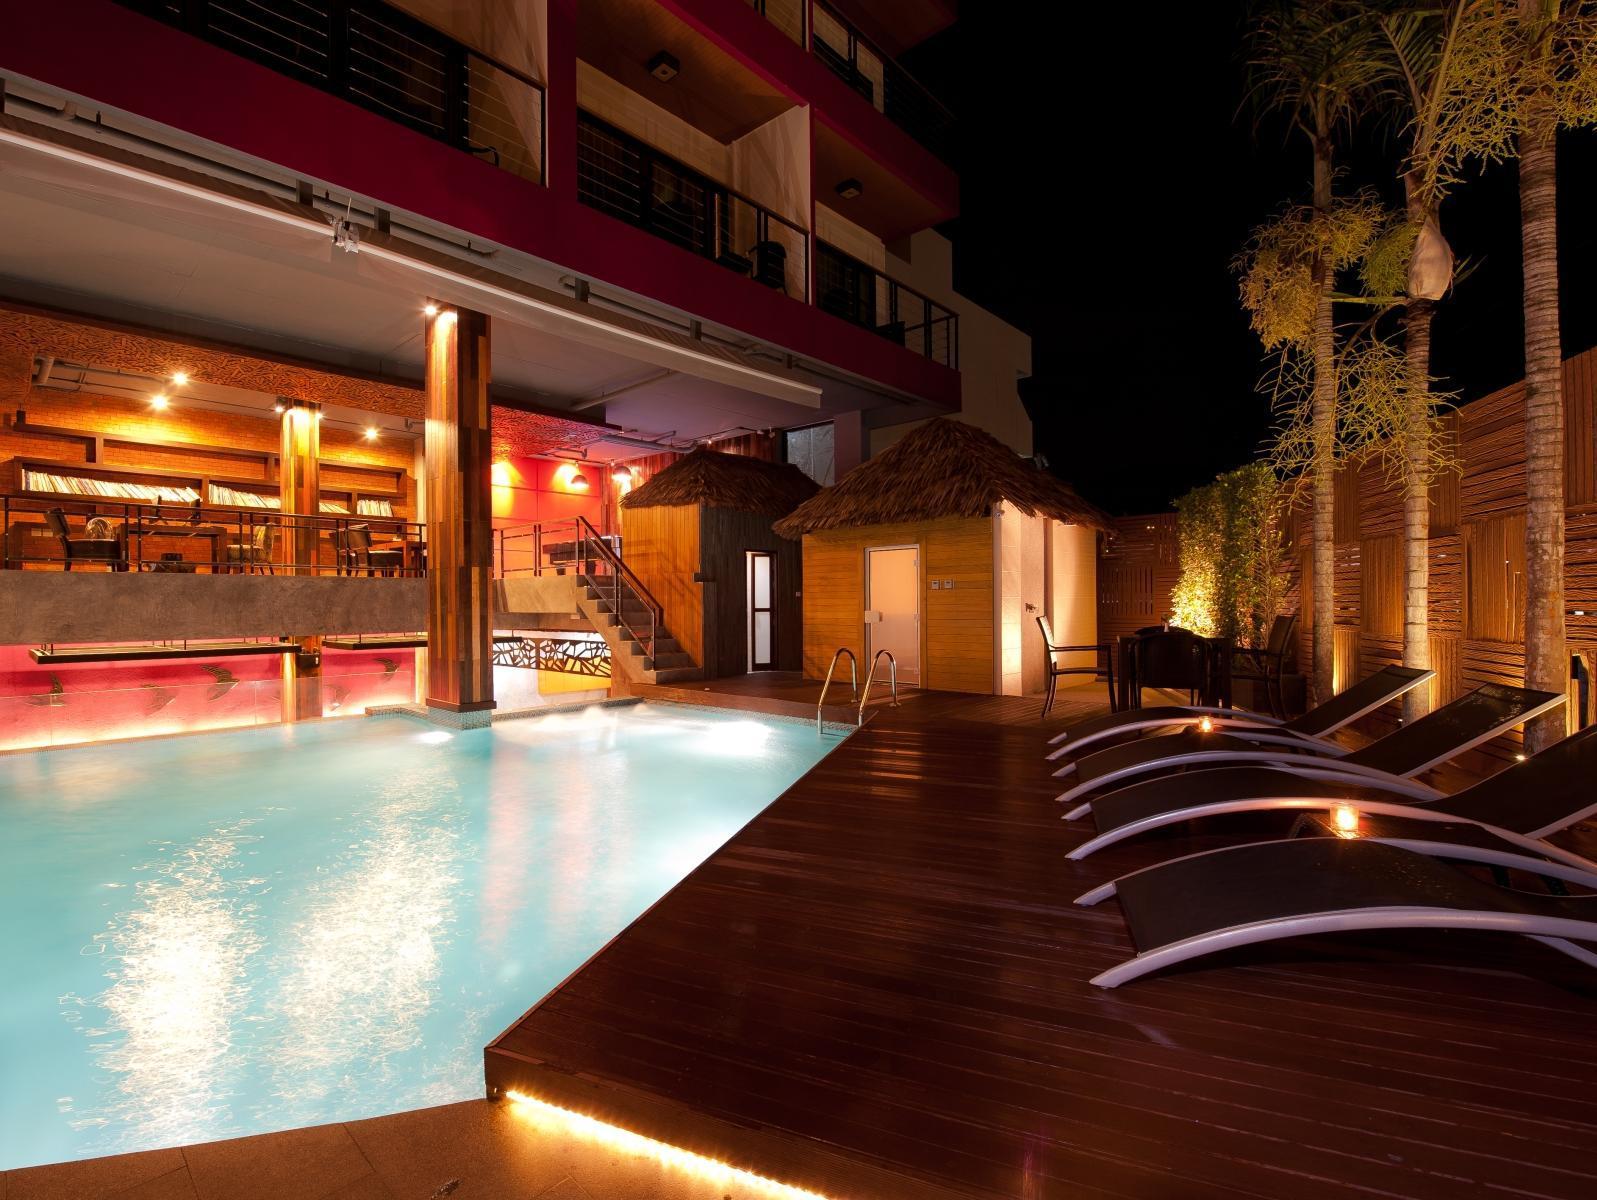 De Coze Hotel - Hotell och Boende i Thailand i Asien